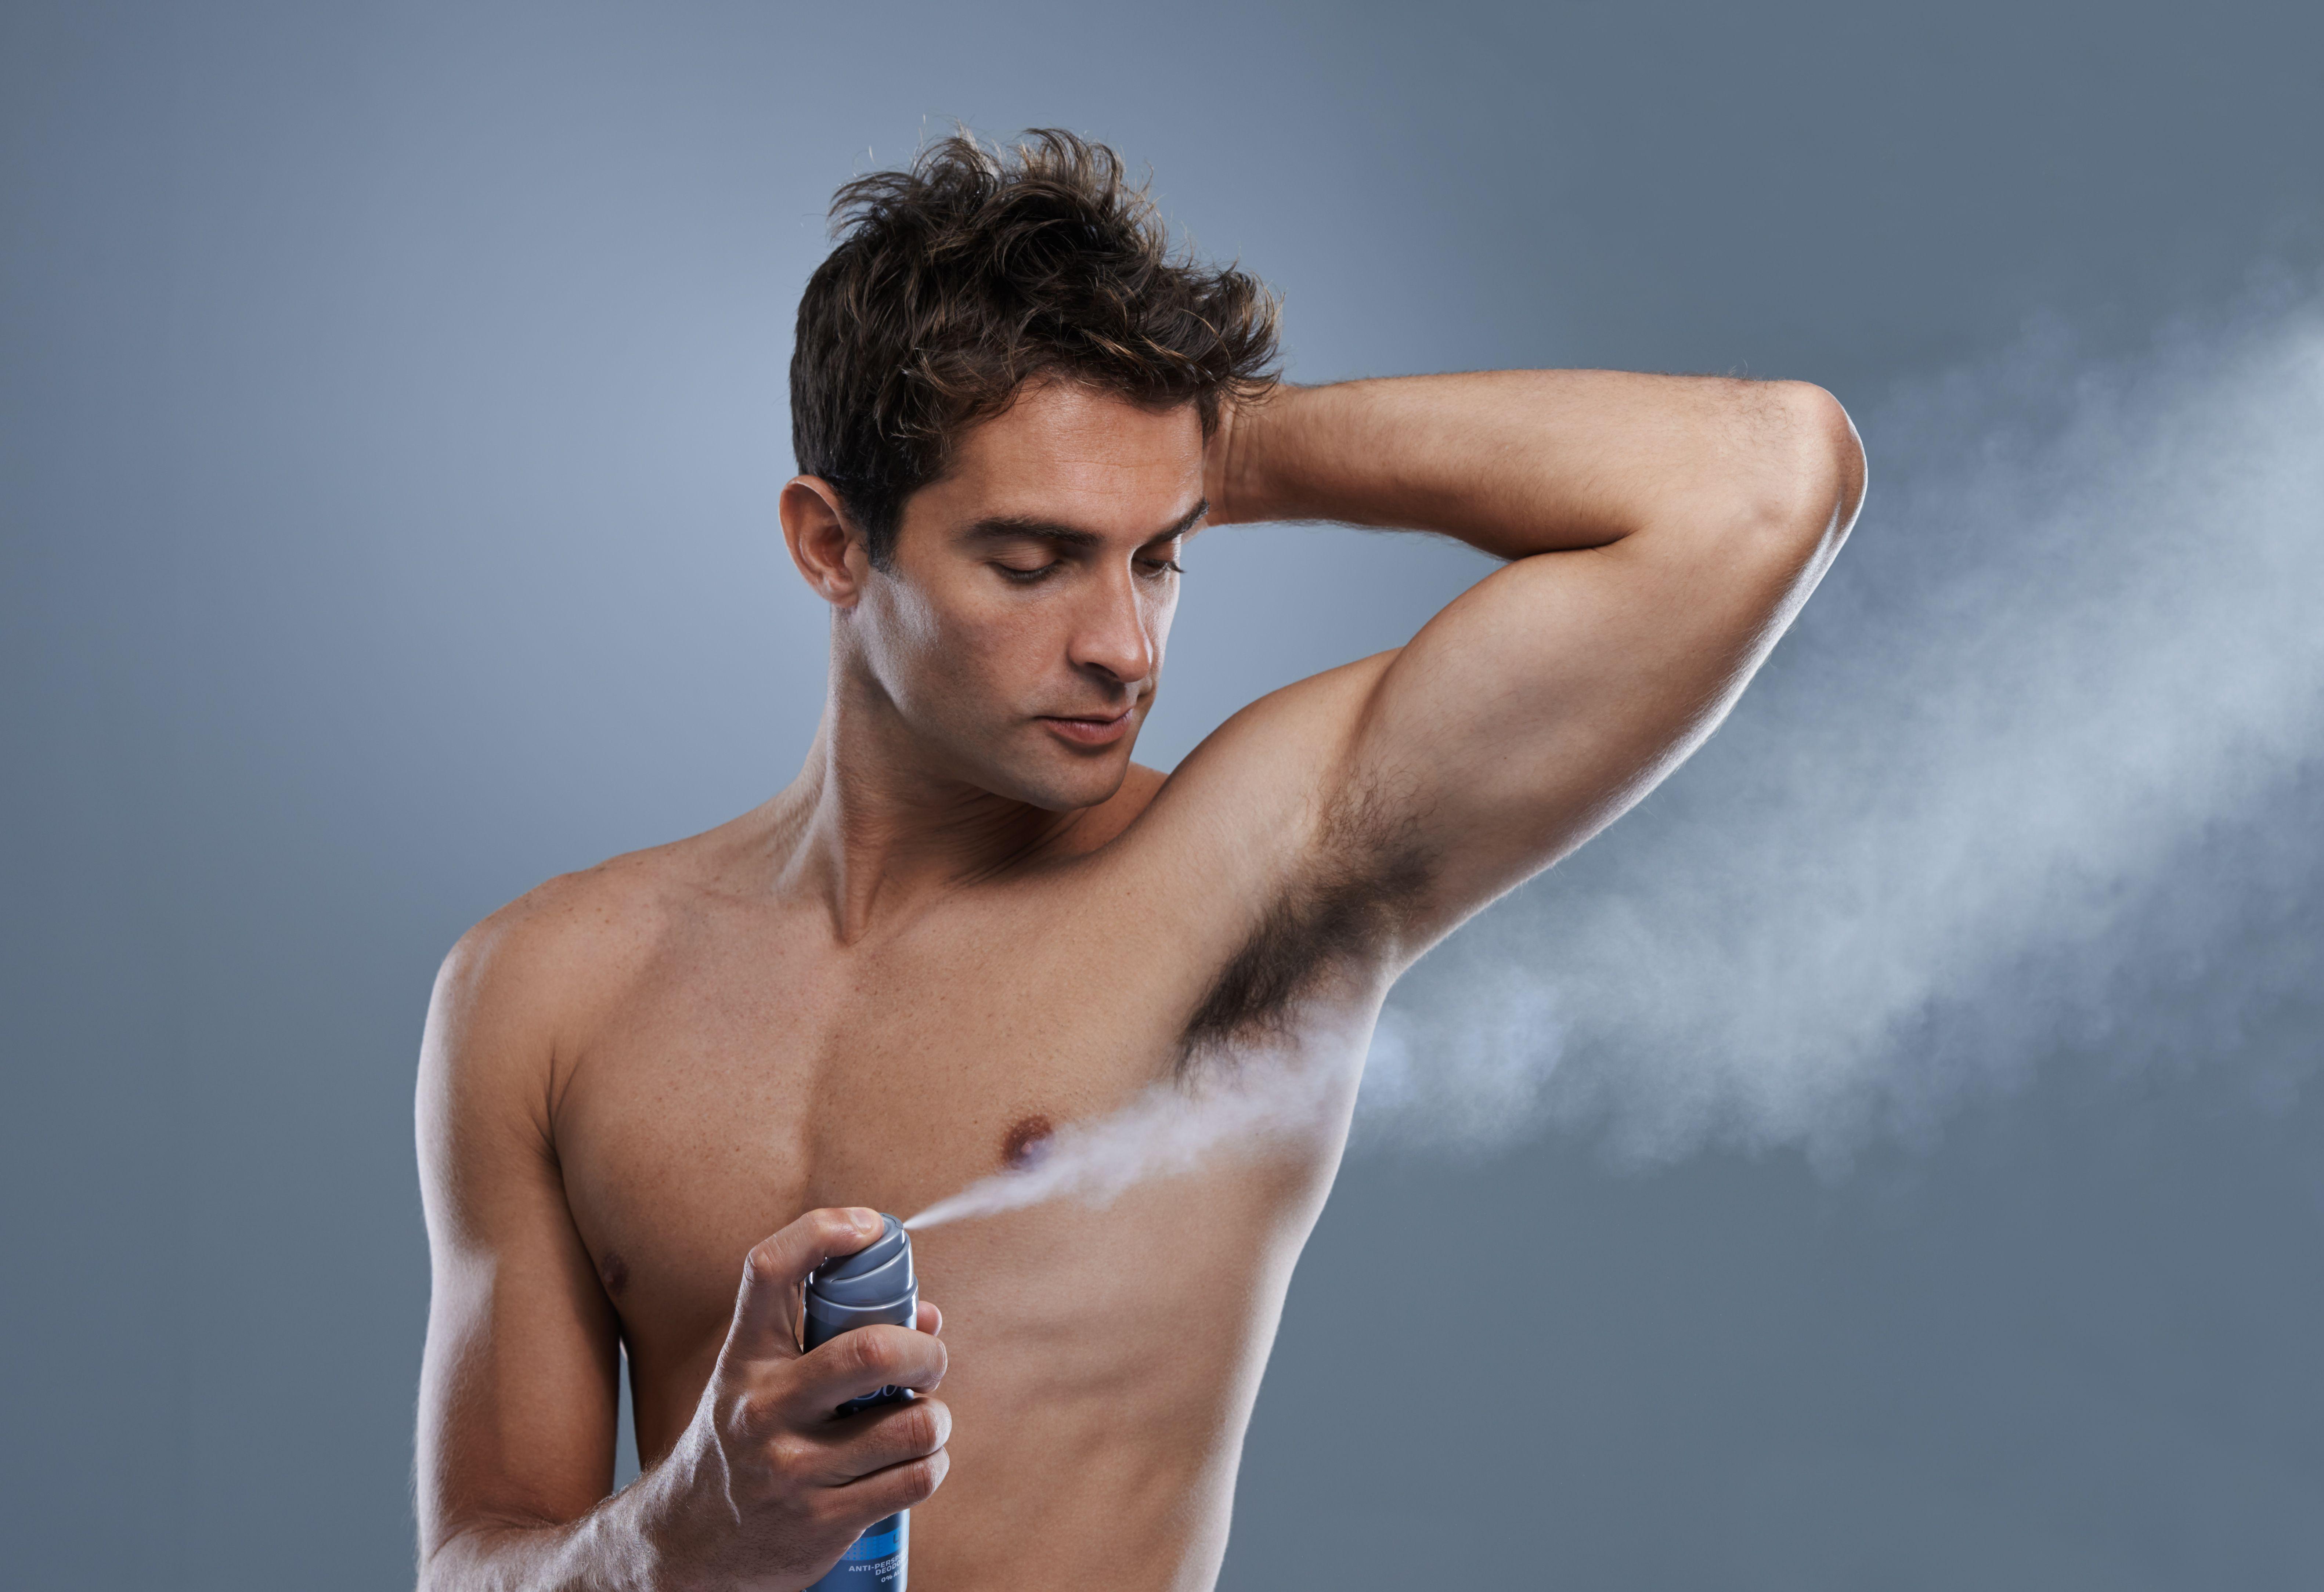 Man applying antiperspirant